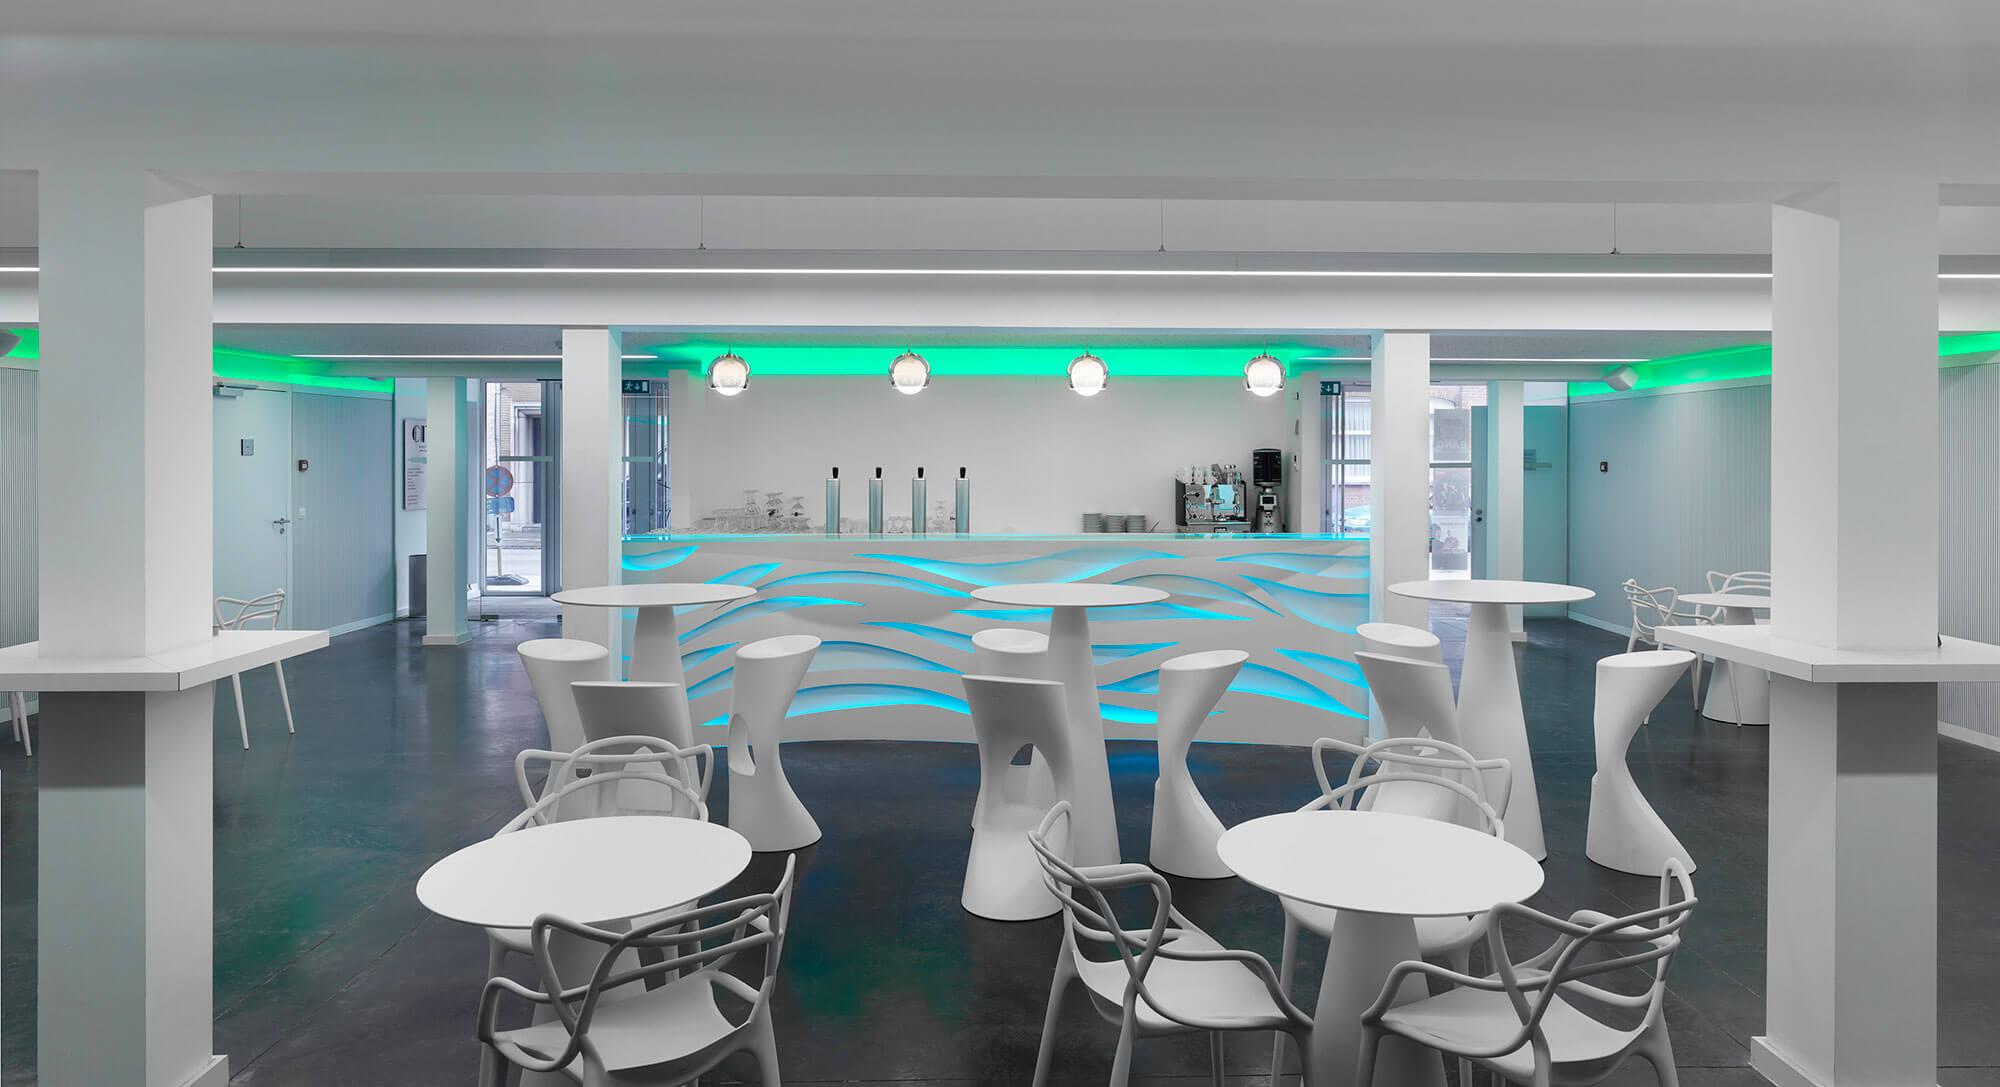 De foyer van de zaal werd voorzien  van meerdere (staan)tafels, krukken en stoelen. De toog werd door AAA ontworpen en is voorzien van sfeerlicht.